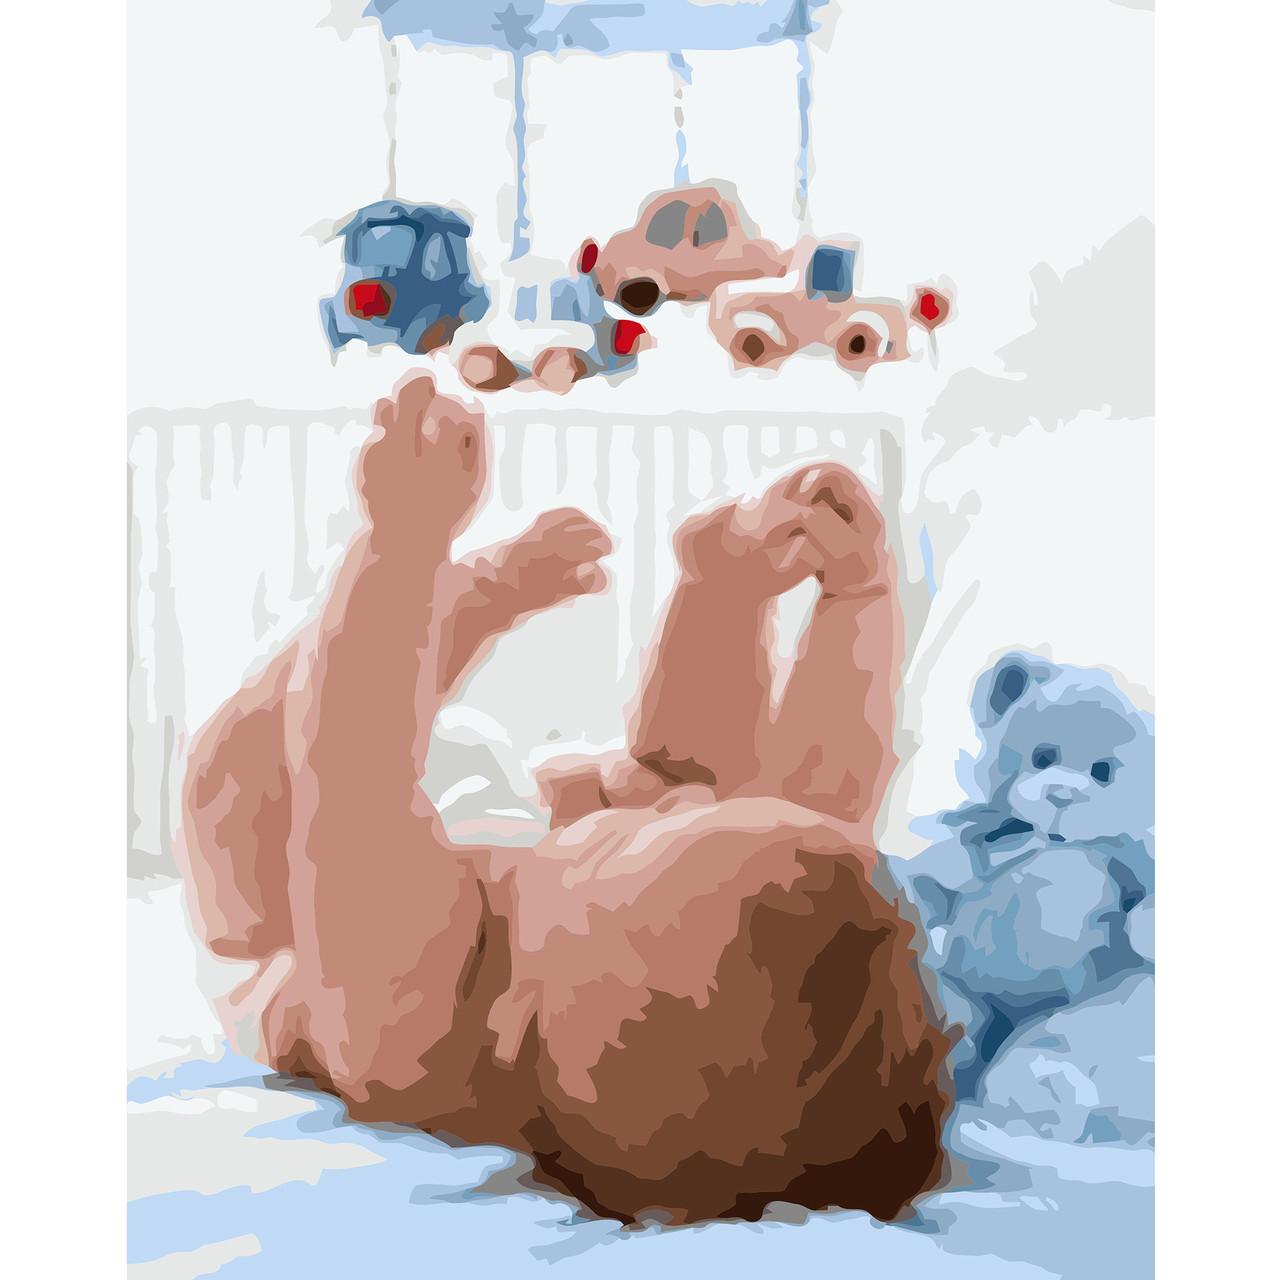 Картина по номерам VA-0886 Младенец с подвесными игрушками, 40х50 см Strateg